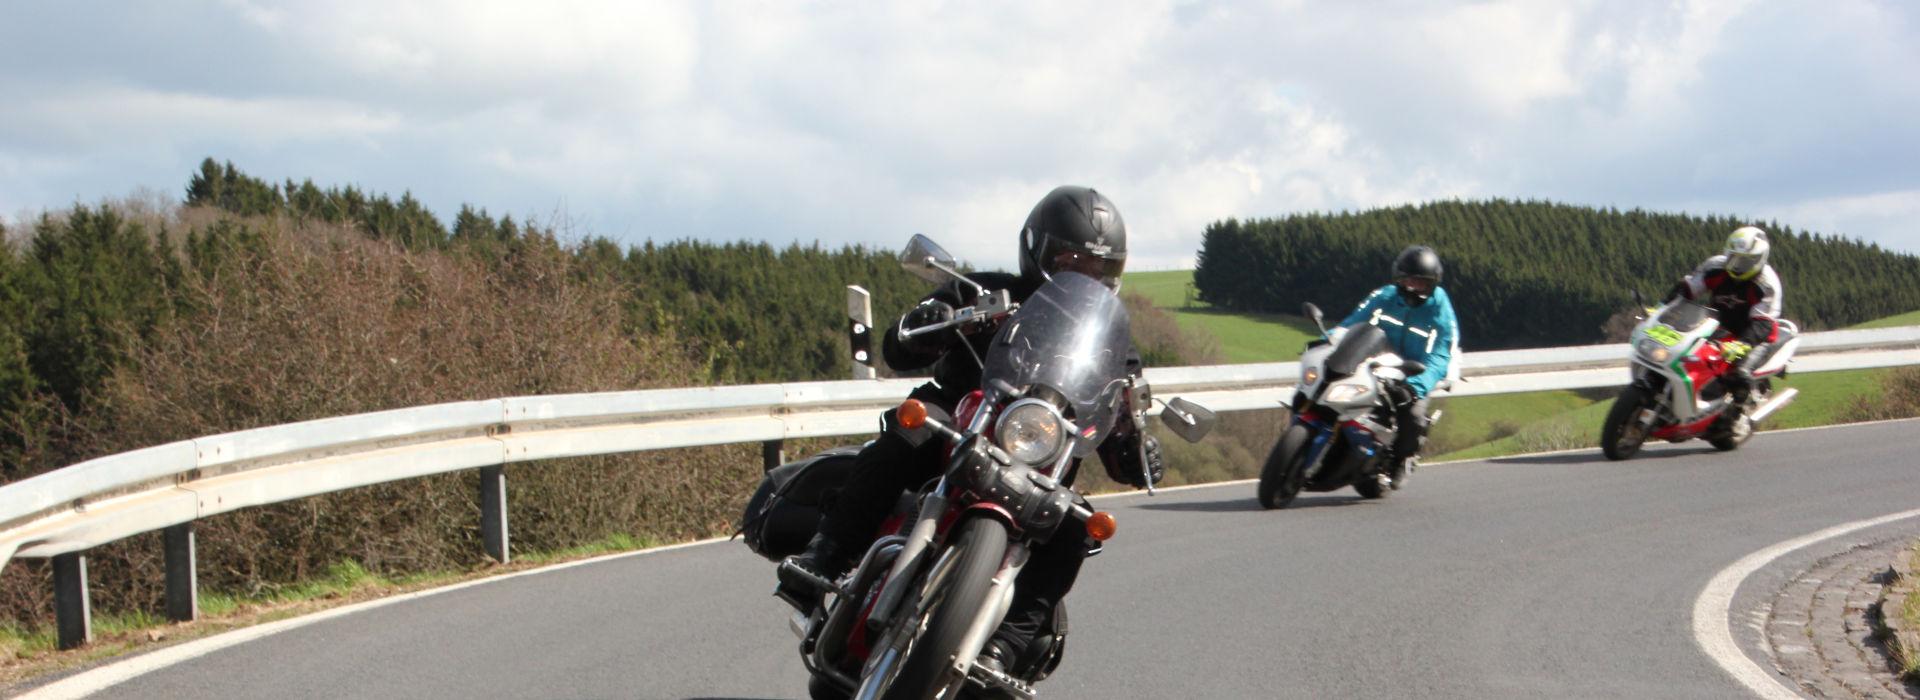 Motorrijbewijspoint Delft motorrijlessen